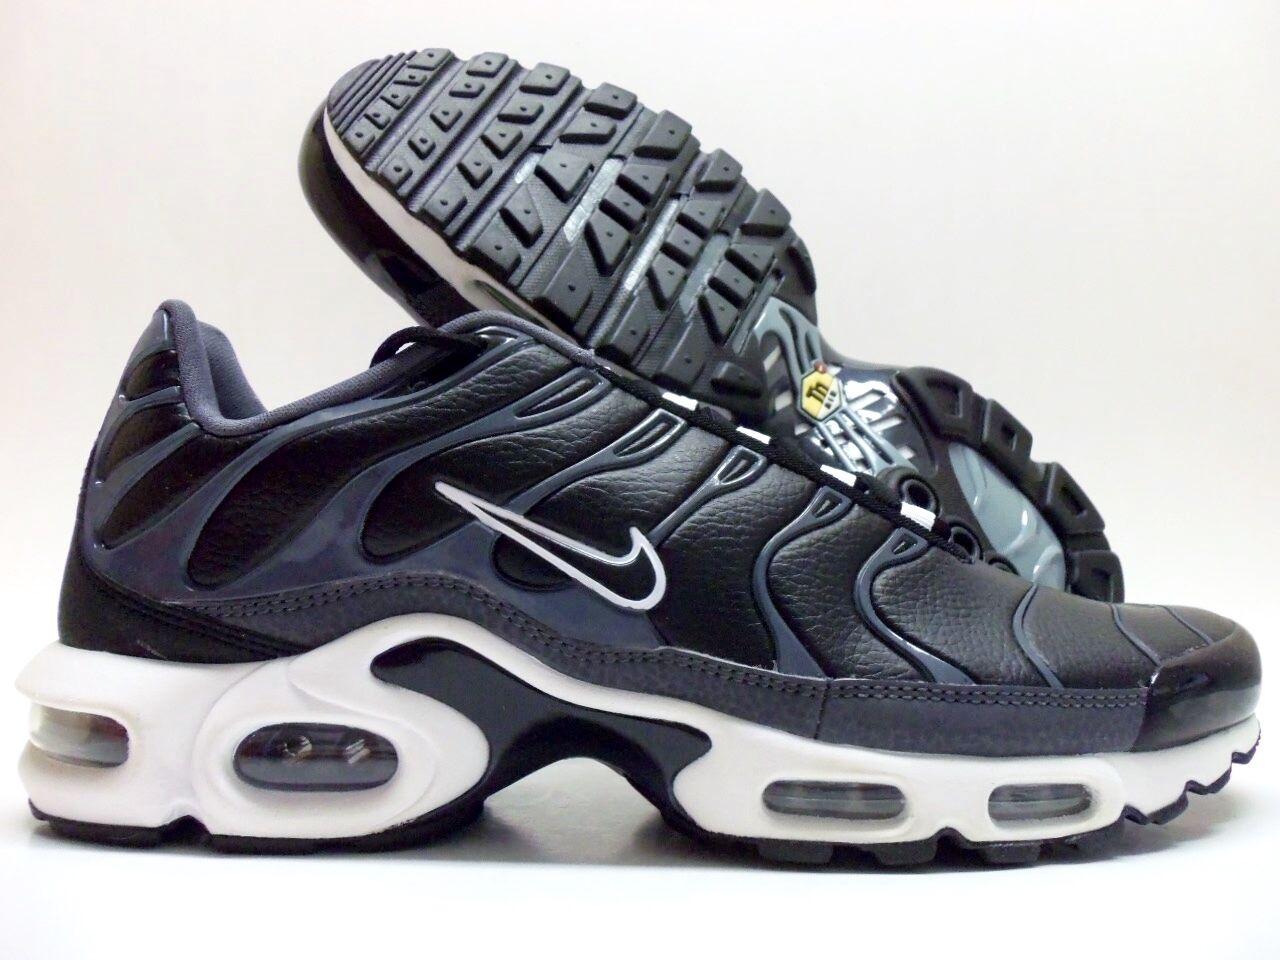 Nike air max + + max nero / nero-dark grey-white dimensioni uomini 9 [604133-099] 67dc5b